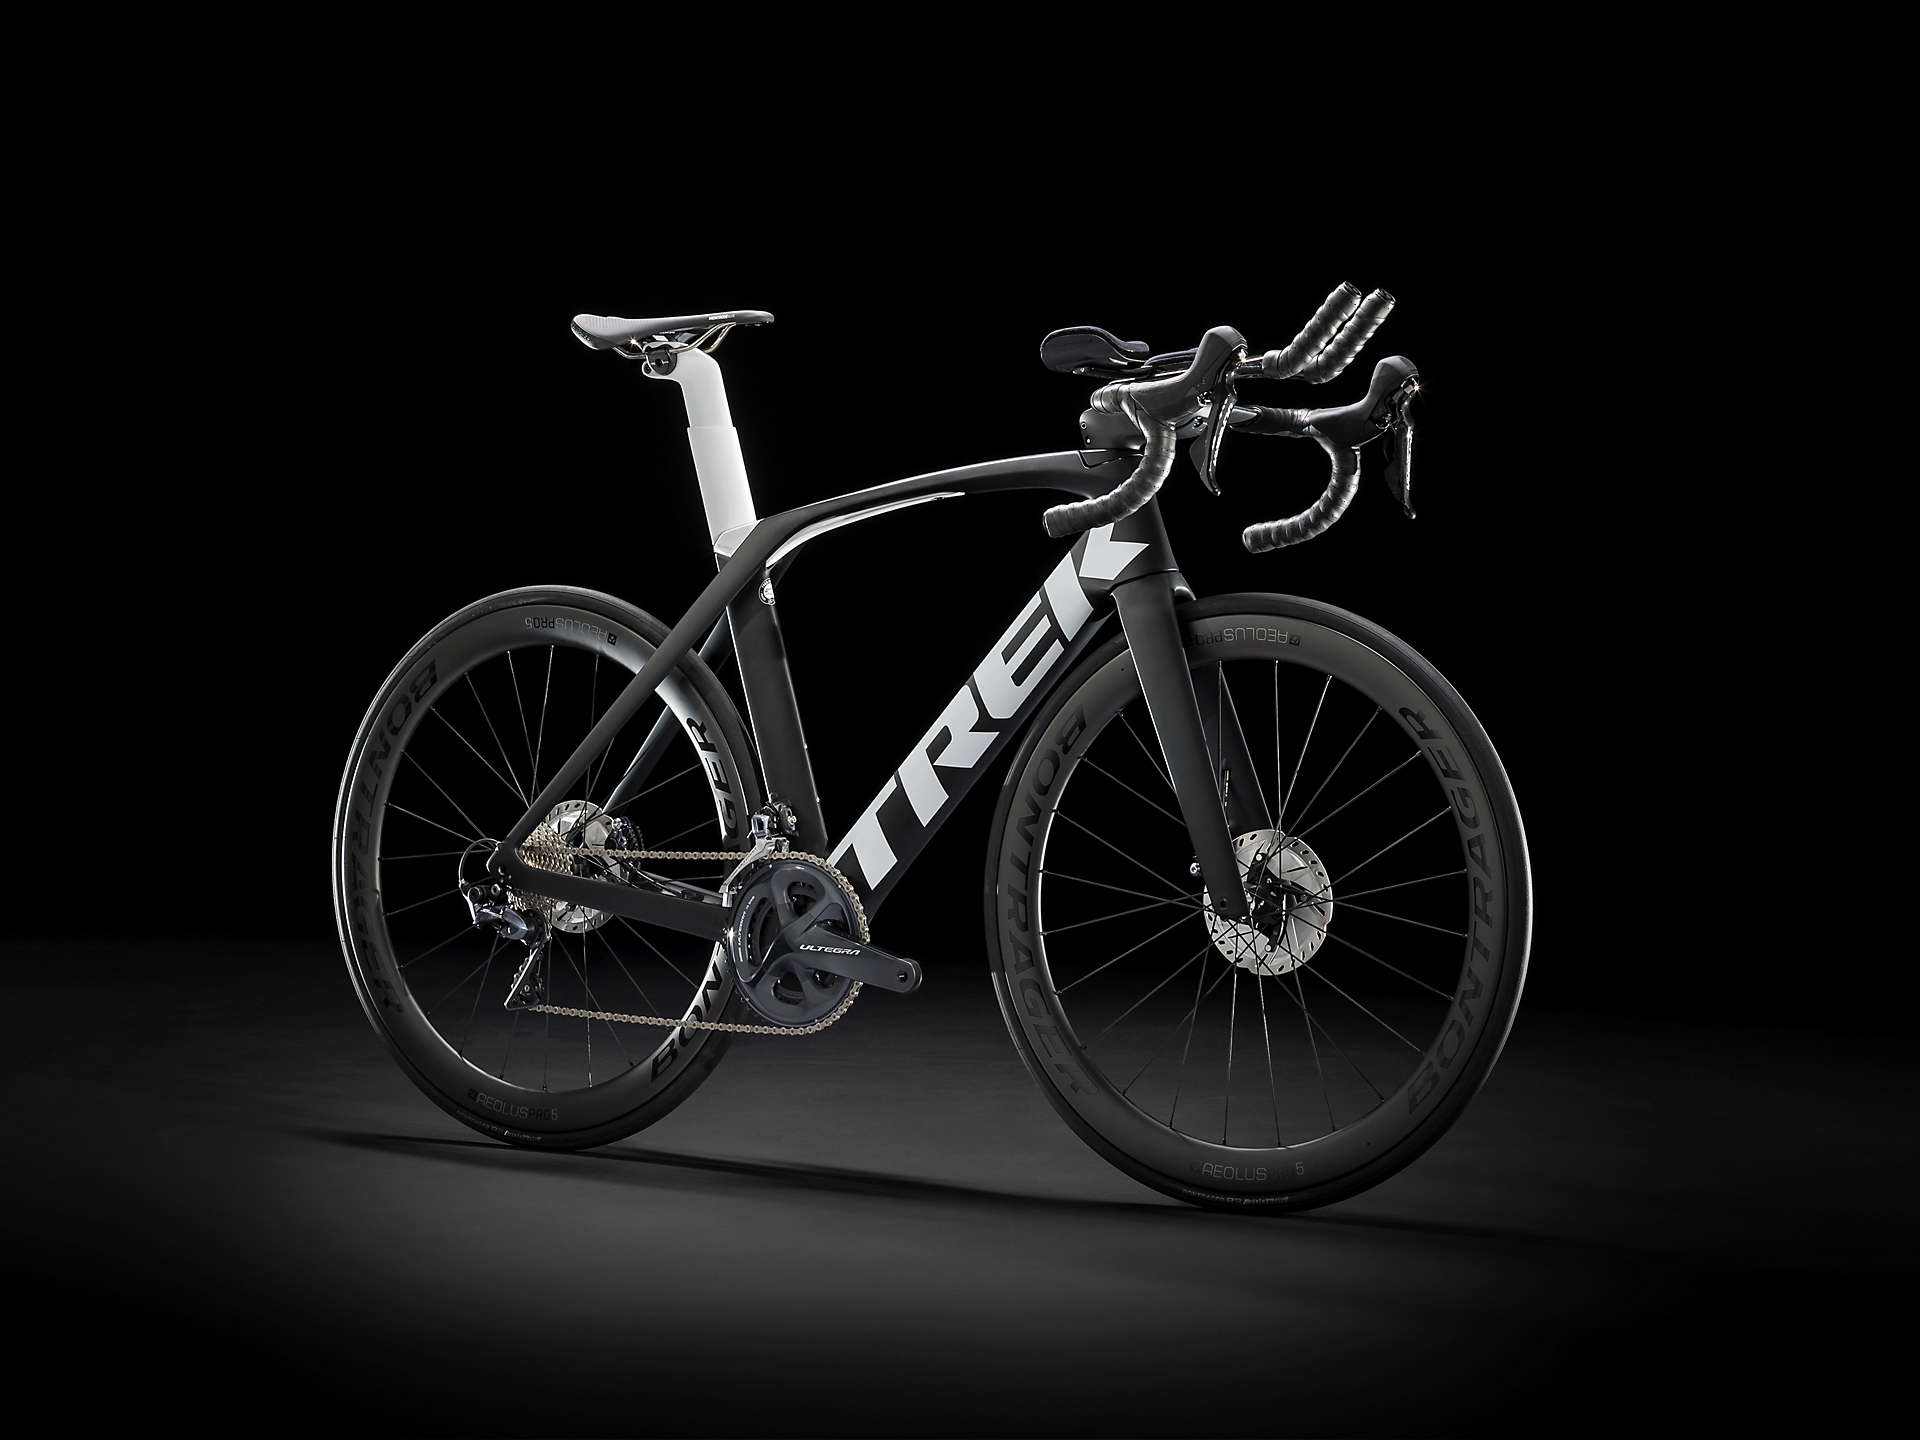 Bicicleta Trek Madone Speed Disco - Tamanho 56 - Por R$ 45.999,00 - 2020